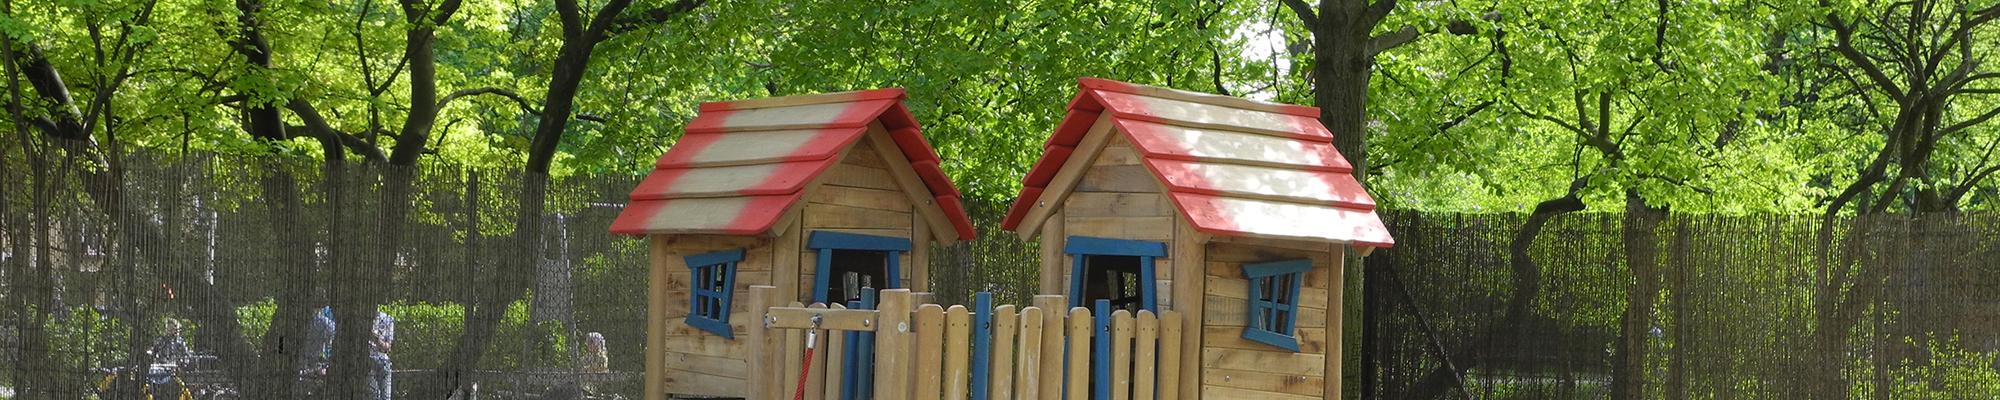 banner-kindertagesstaette-welfenplatz-spielhaus-sandkasten-spieltisch